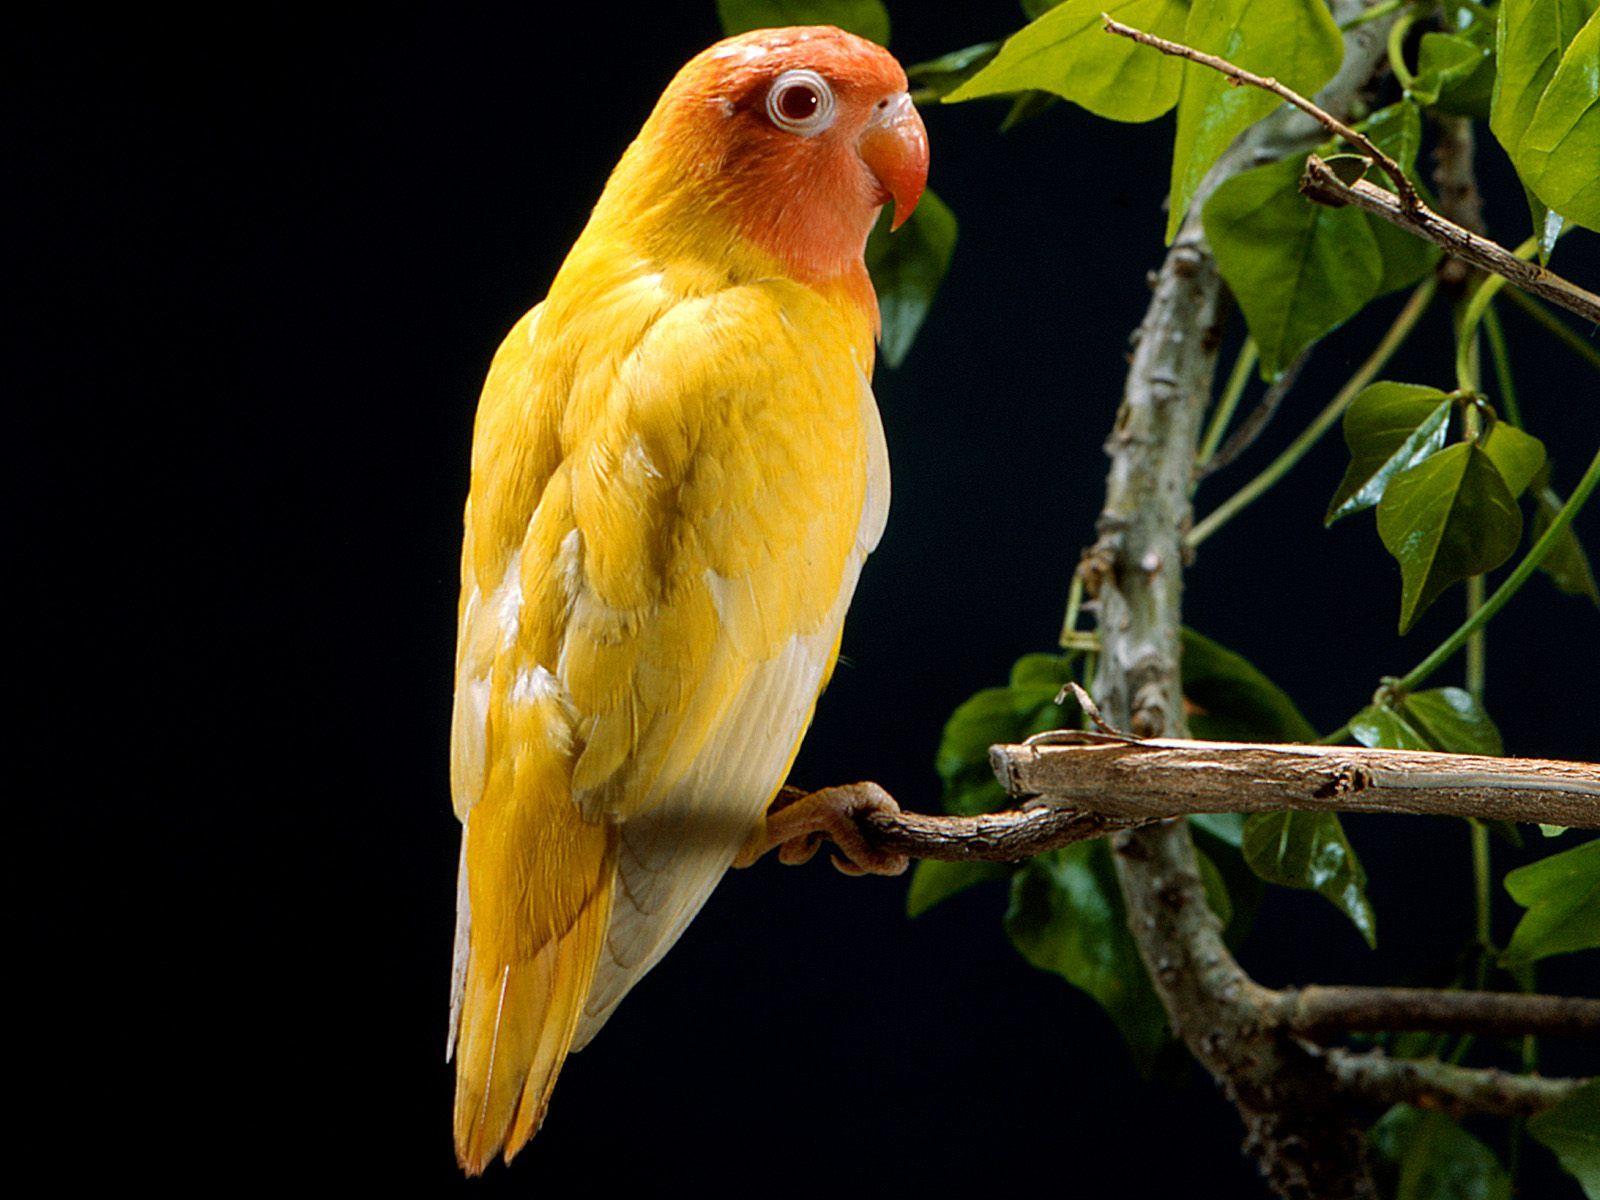 lovebird hd wallpaper wallpaperxy com animal pinterest birds